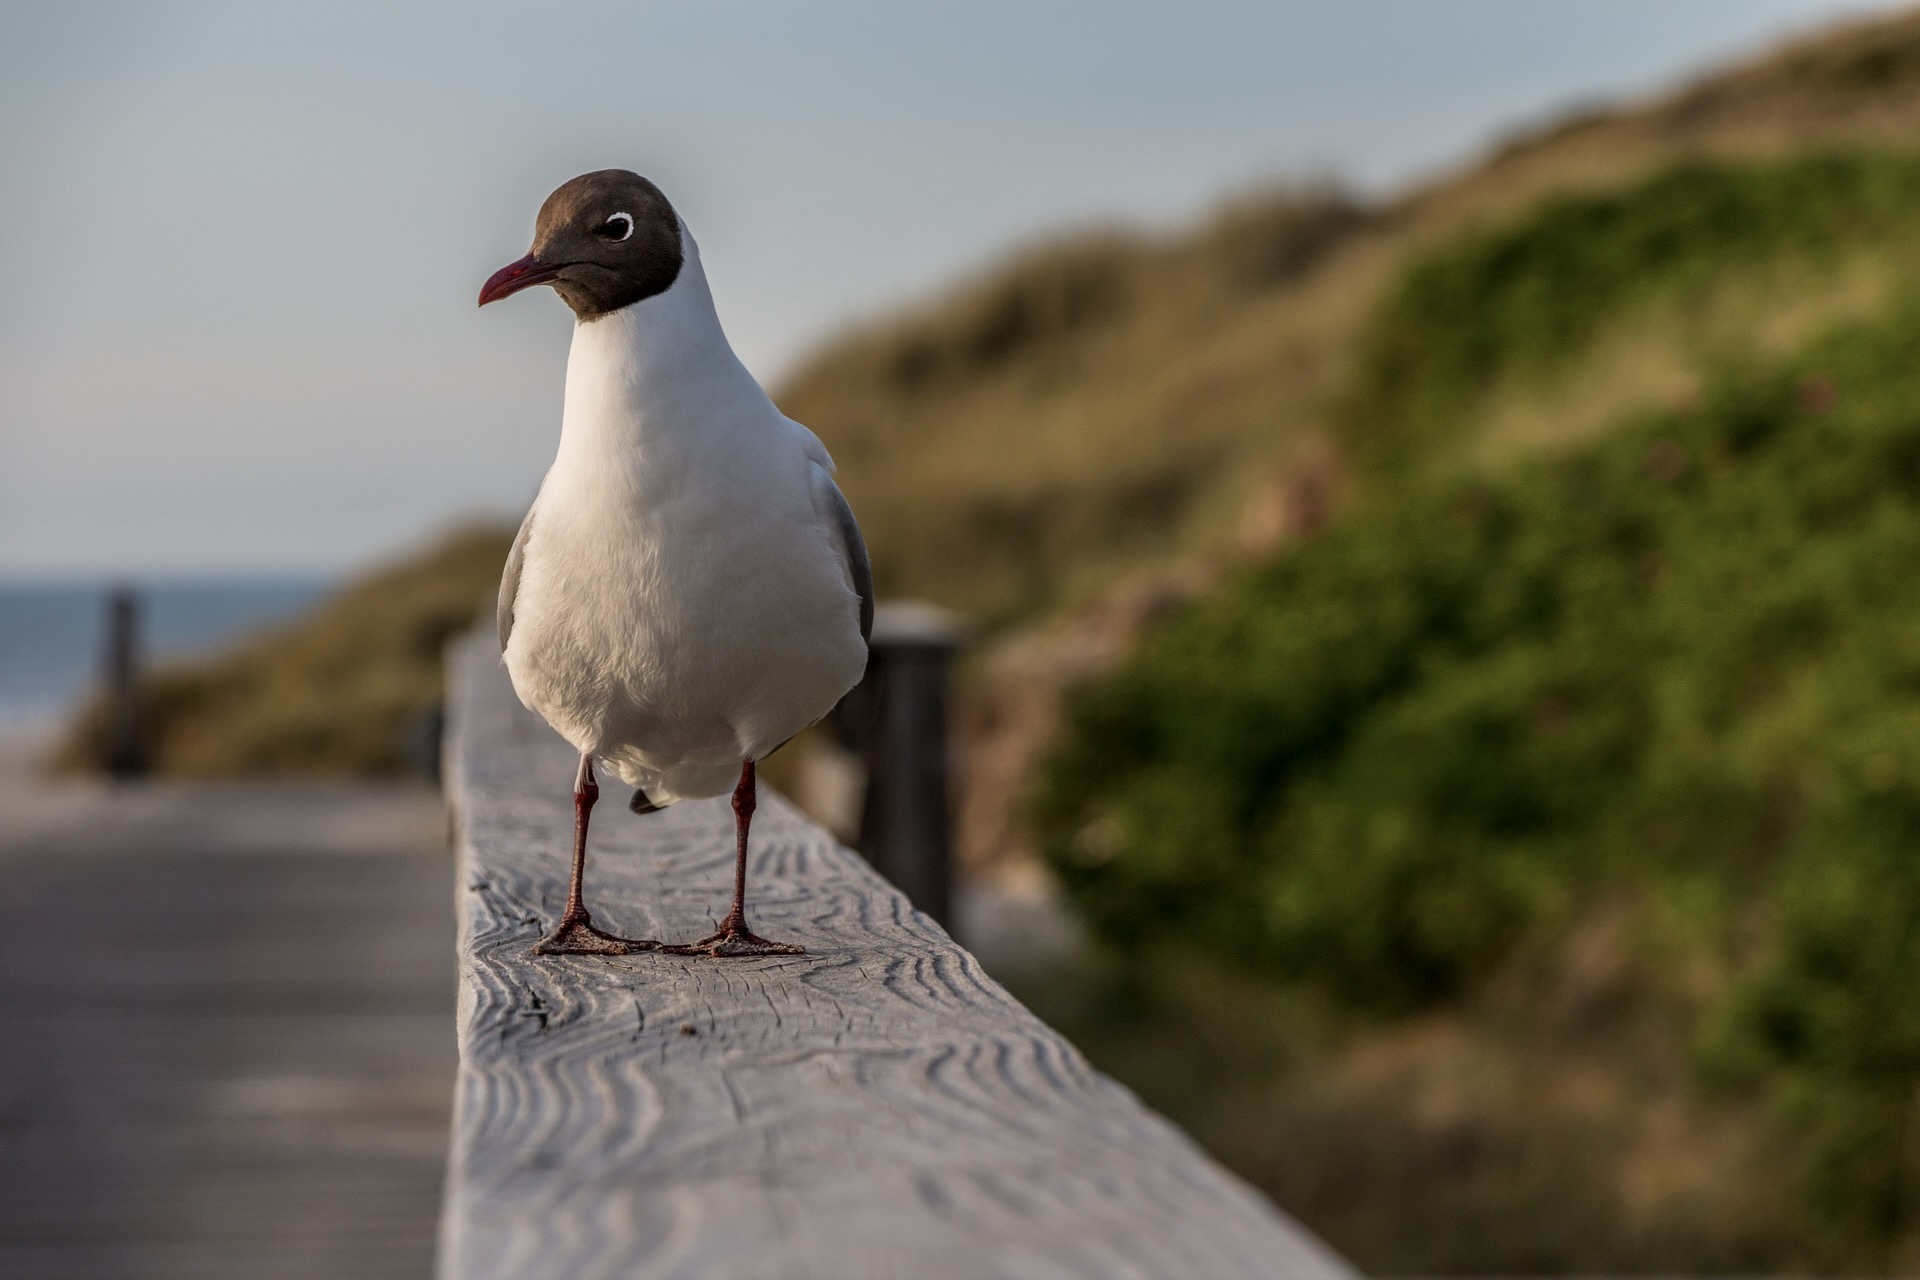 Das Rantumbecken auf der Insel Sylt ist ein Vogelparadies